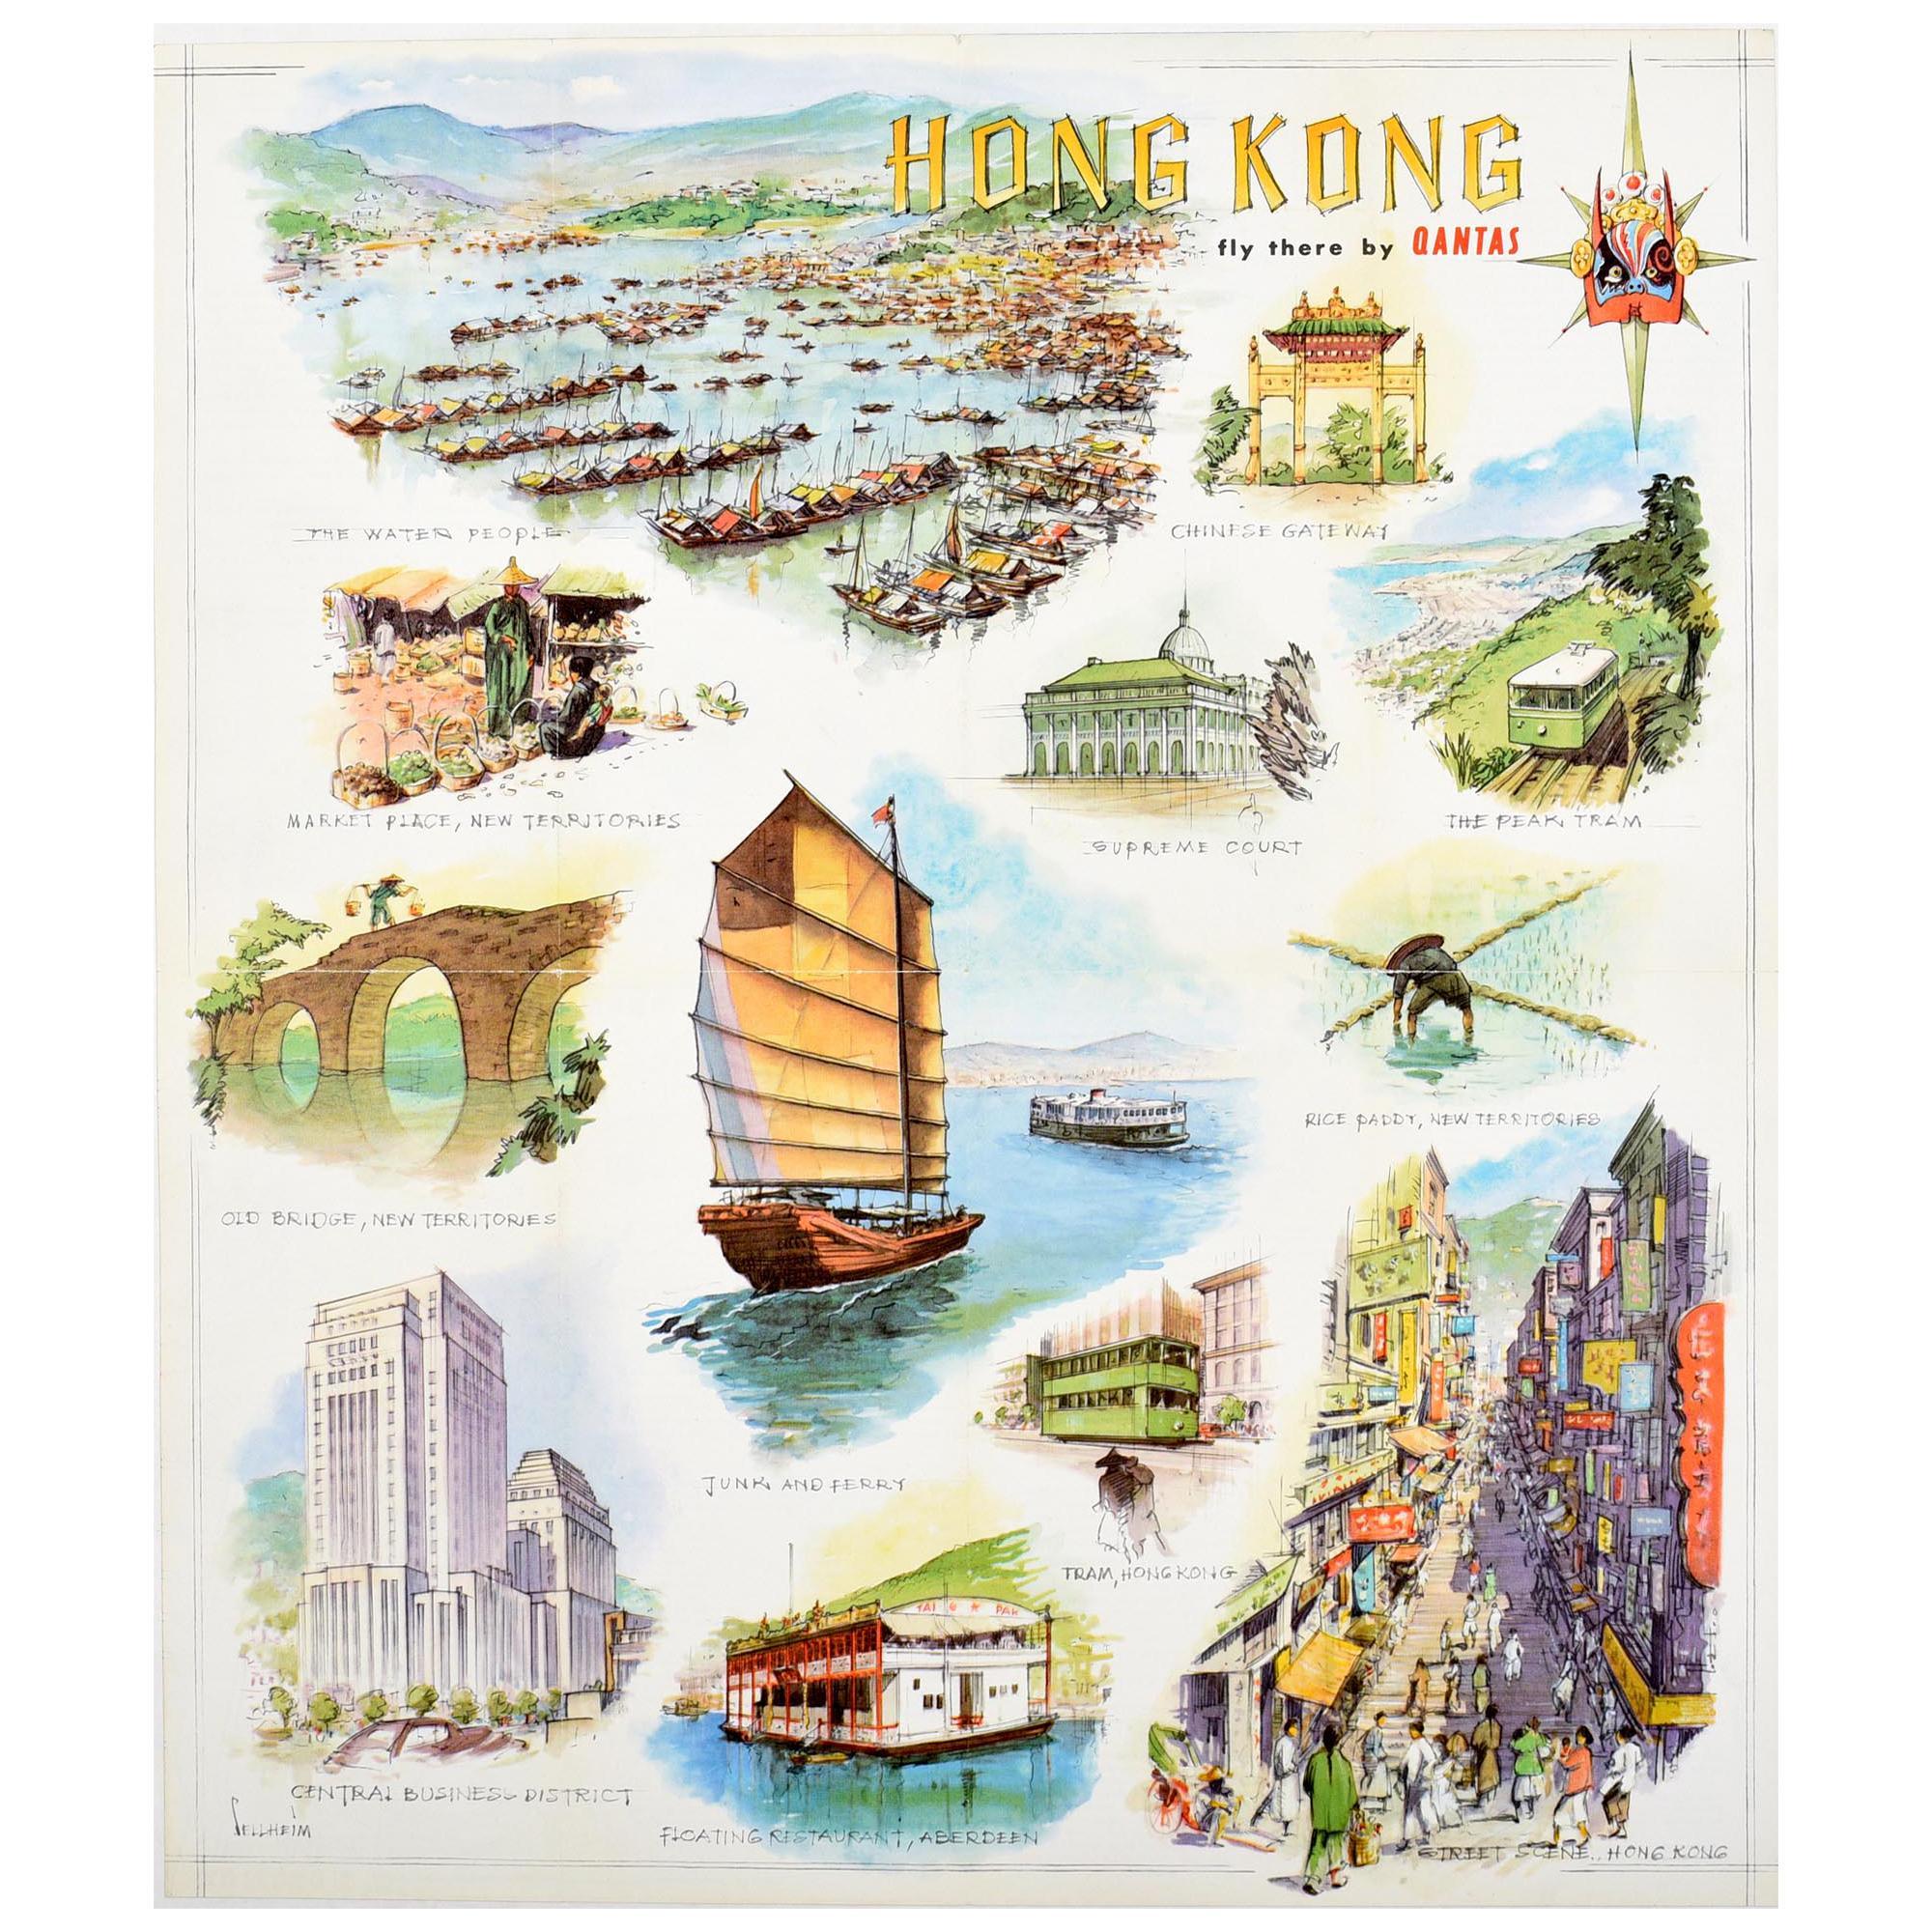 Original Vintage Poster Hong Kong Fly There By Qantas Travel Art Illustrations